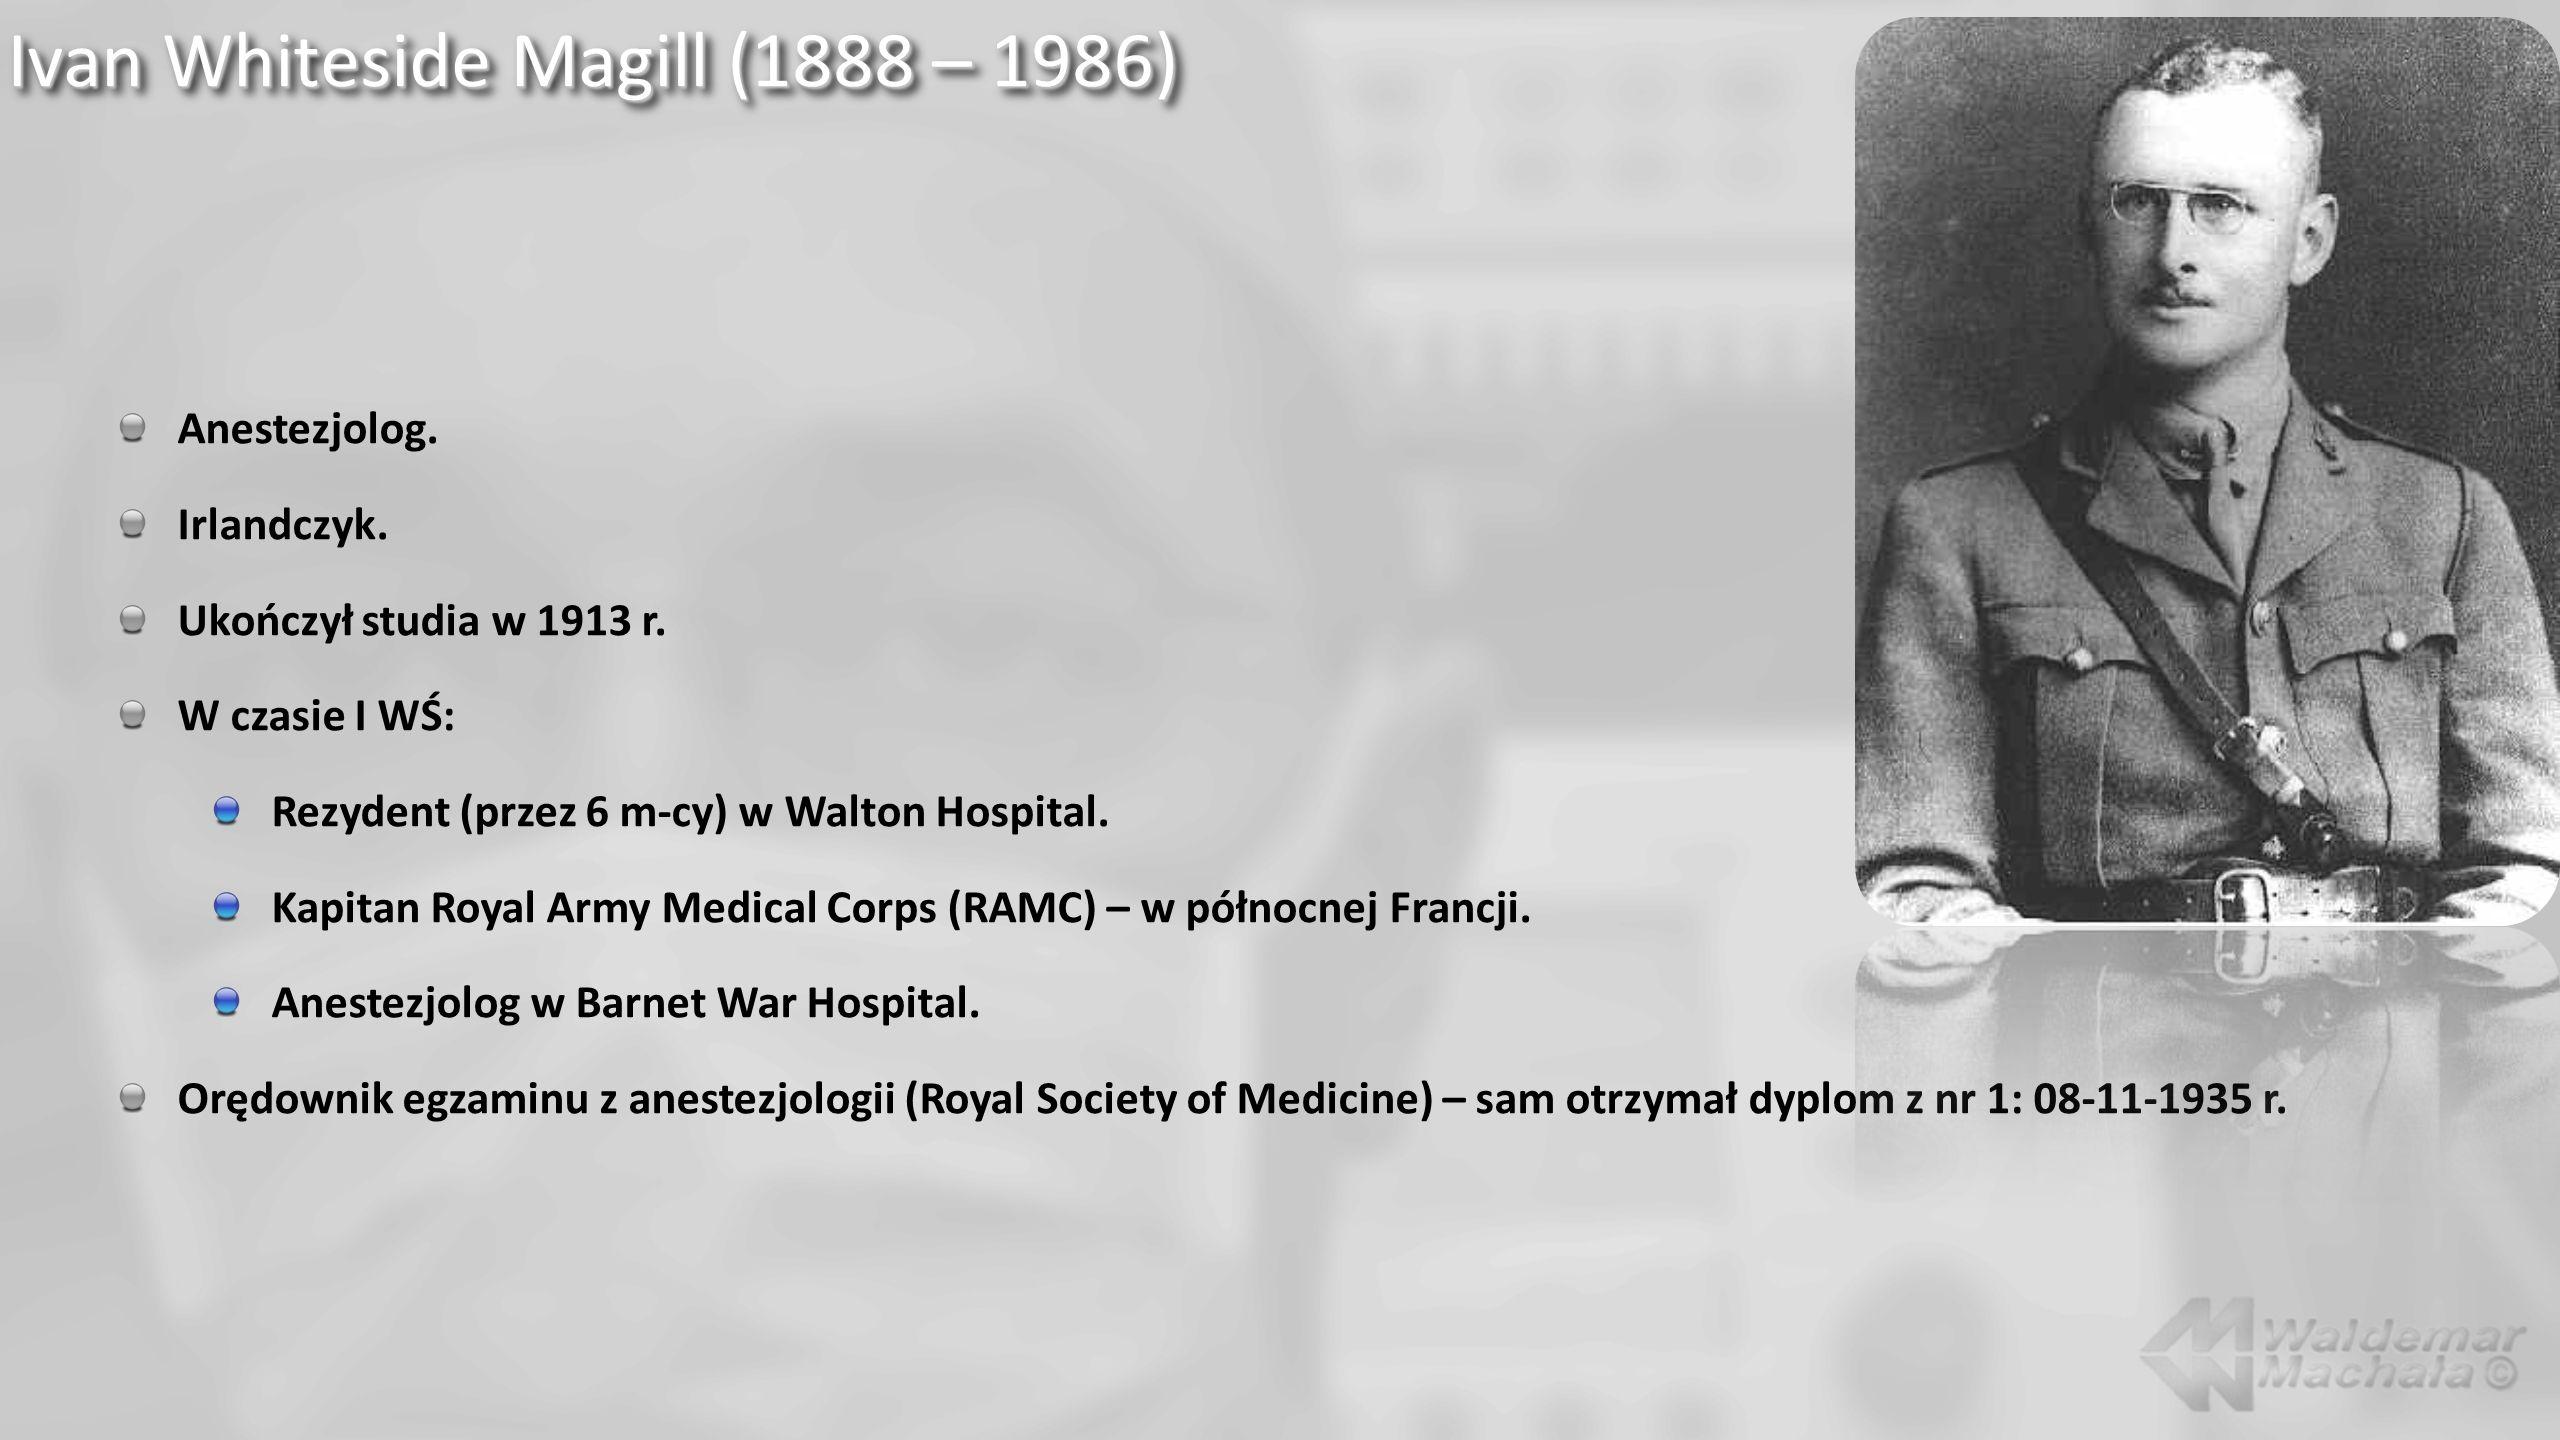 Ivan Whiteside Magill (1888 – 1986)